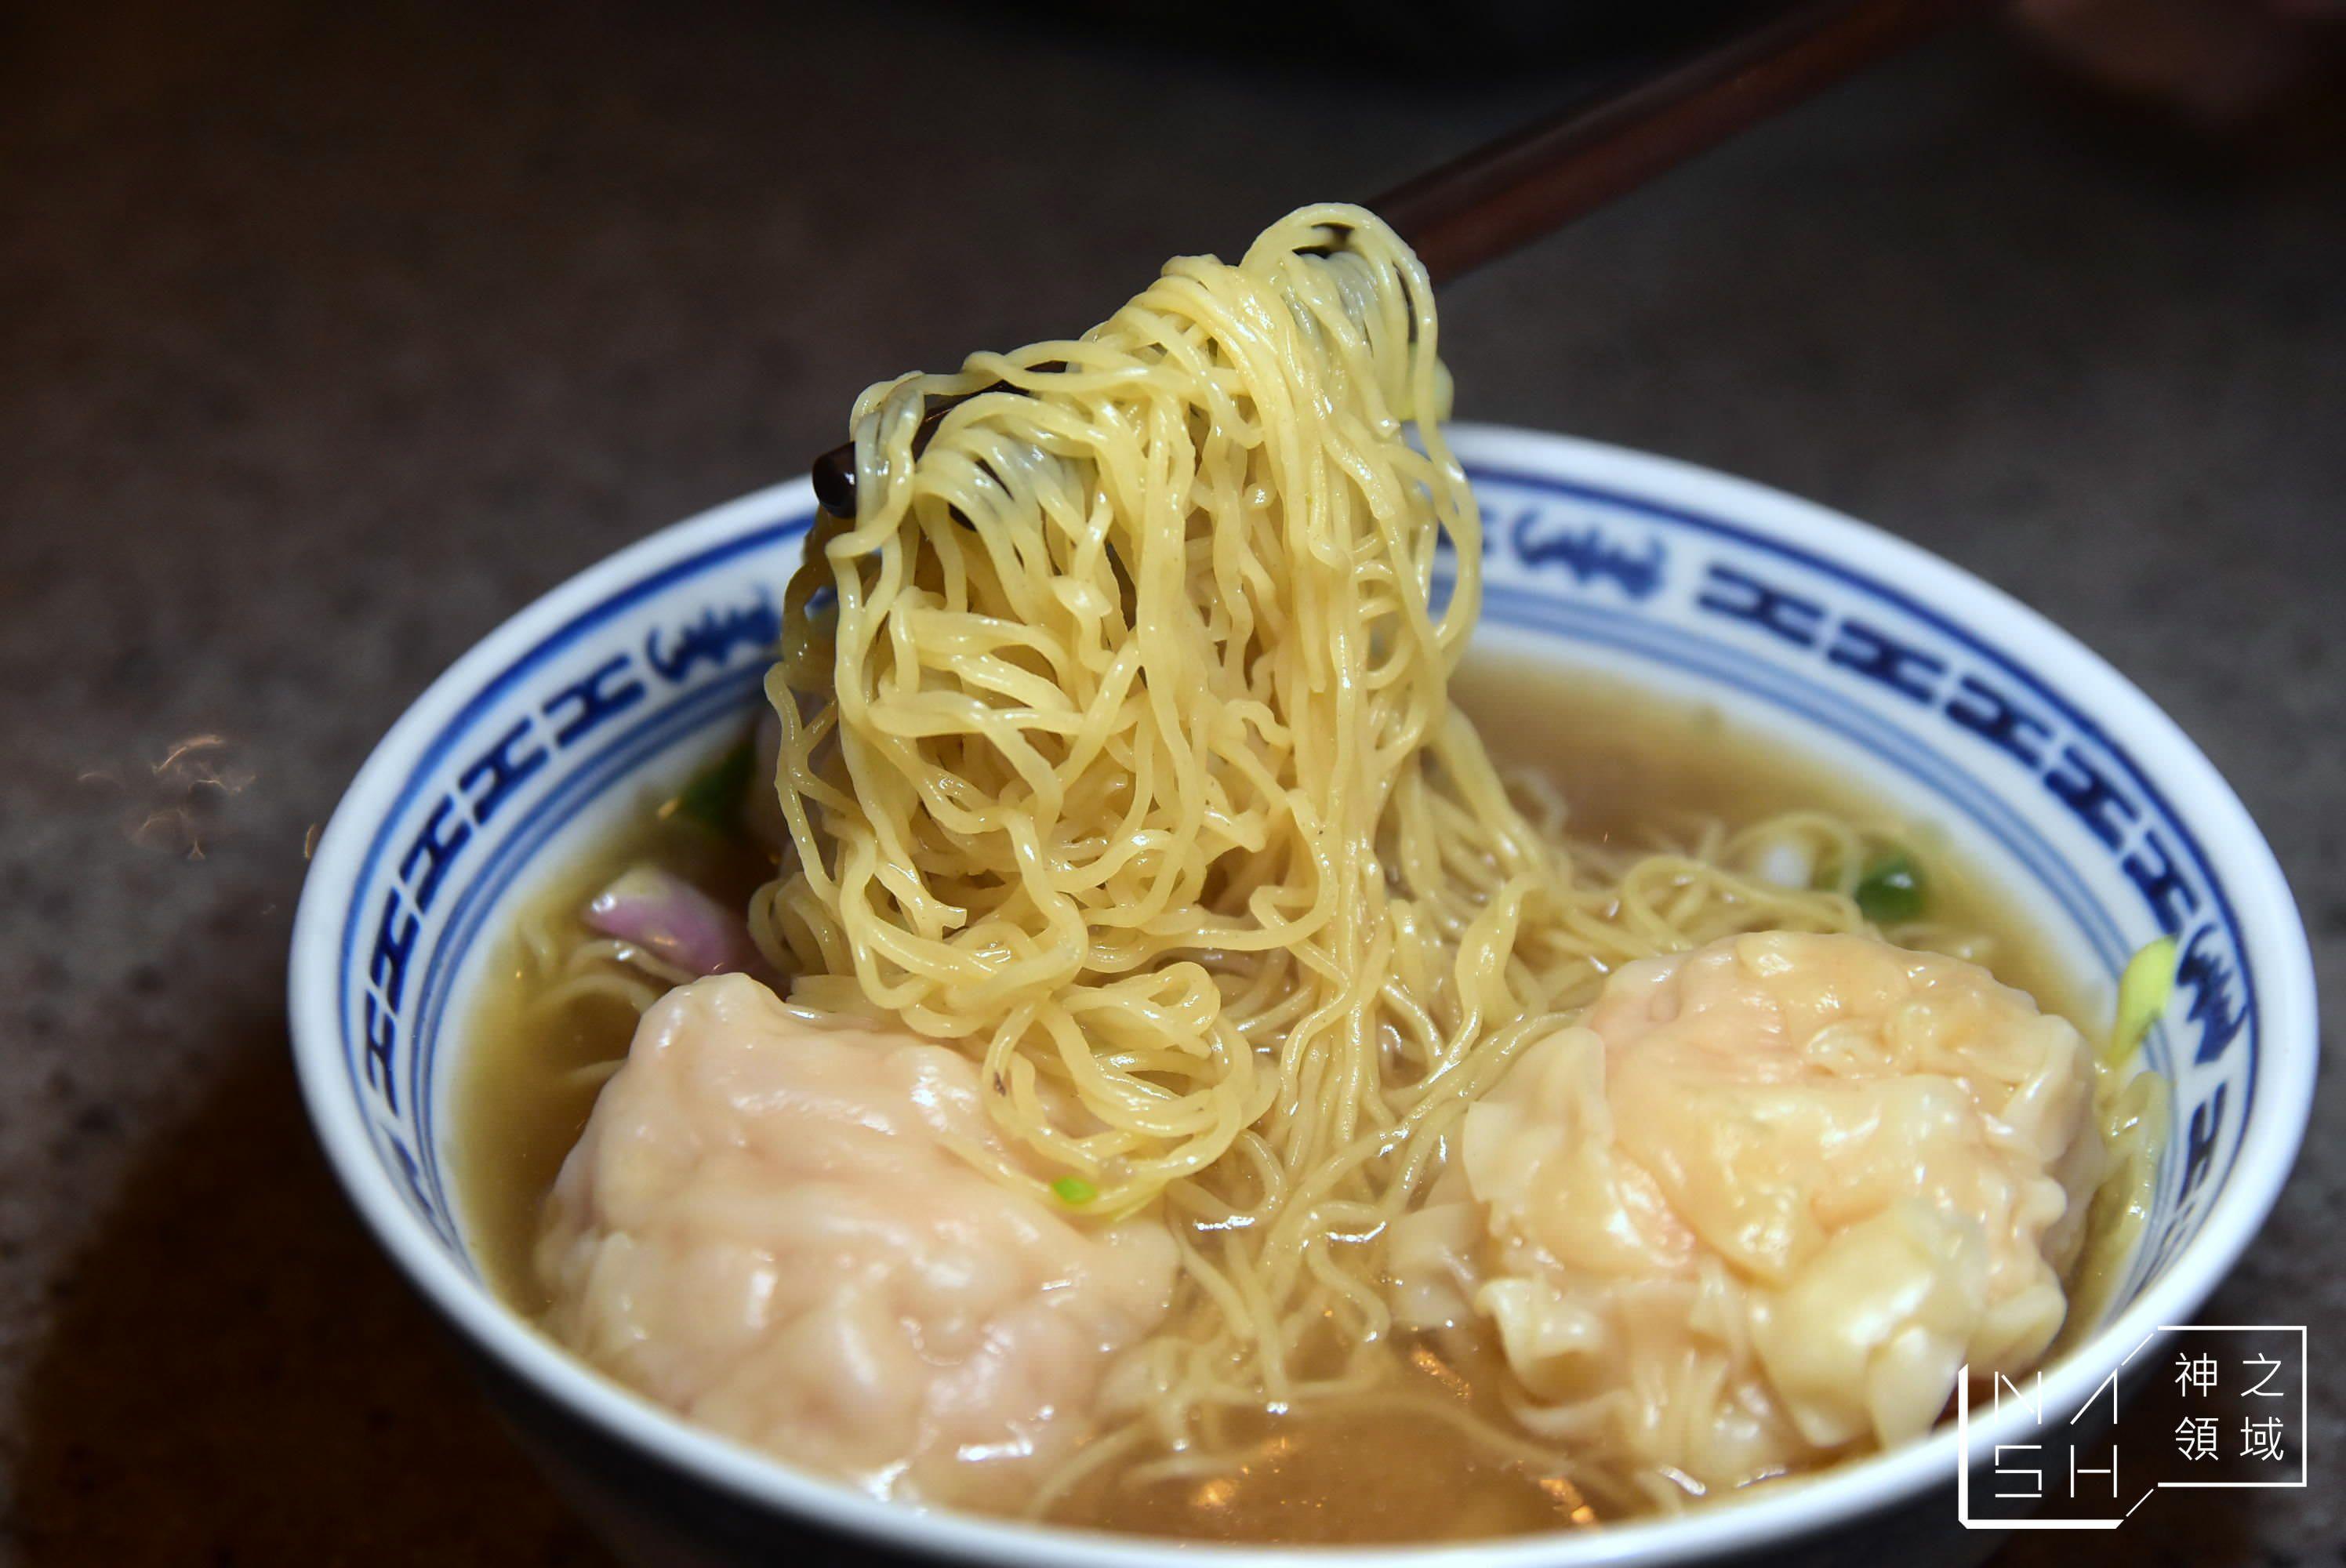 米其林推薦,香港中環美食推薦,沾仔記,Tsim Chai Kee Noodle @Nash,神之領域